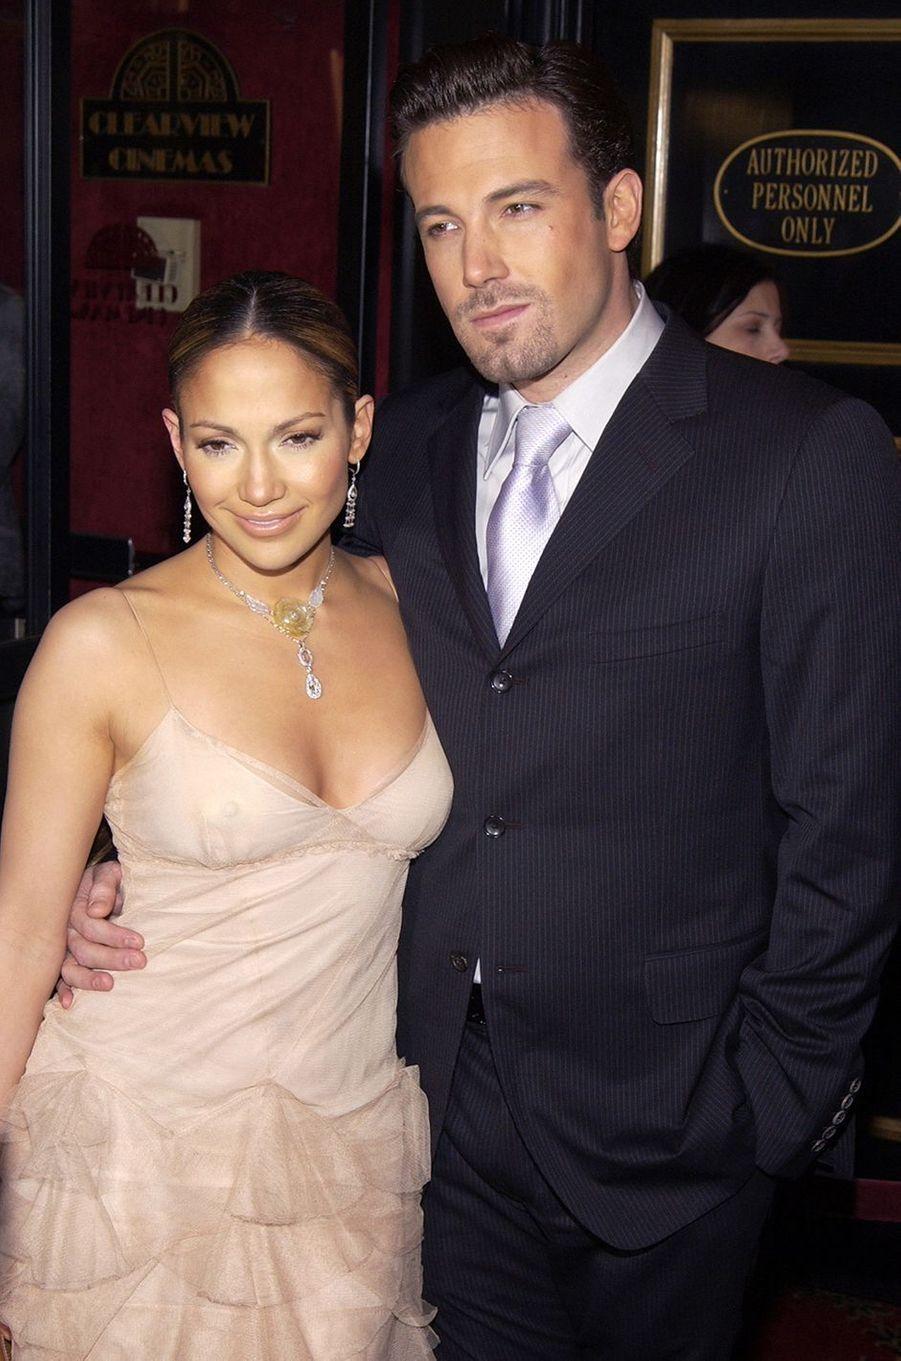 Jennifer Lopez et Ben Affleck à la première du film «Coup de foudre à Manhattan» à New York en décembre 2002. Les deux acteurs ont vécu une idylle très médiatisée entre 2002 et 2004.